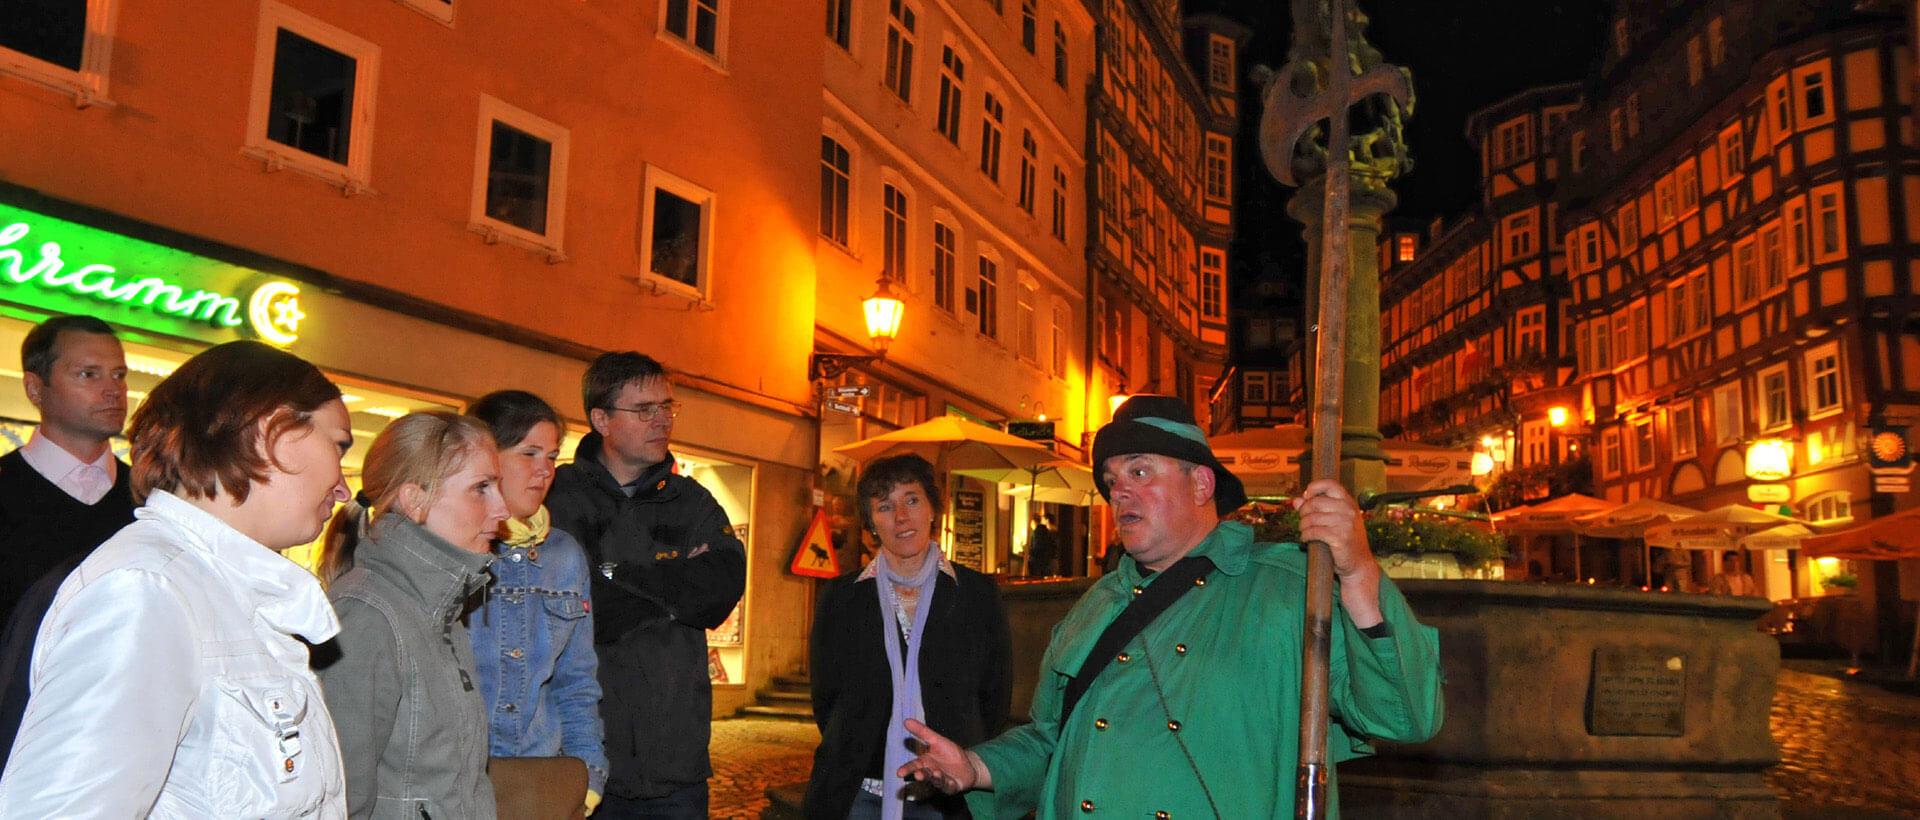 Der Marburger Nachtwächter, Credit Georg Kronenberg